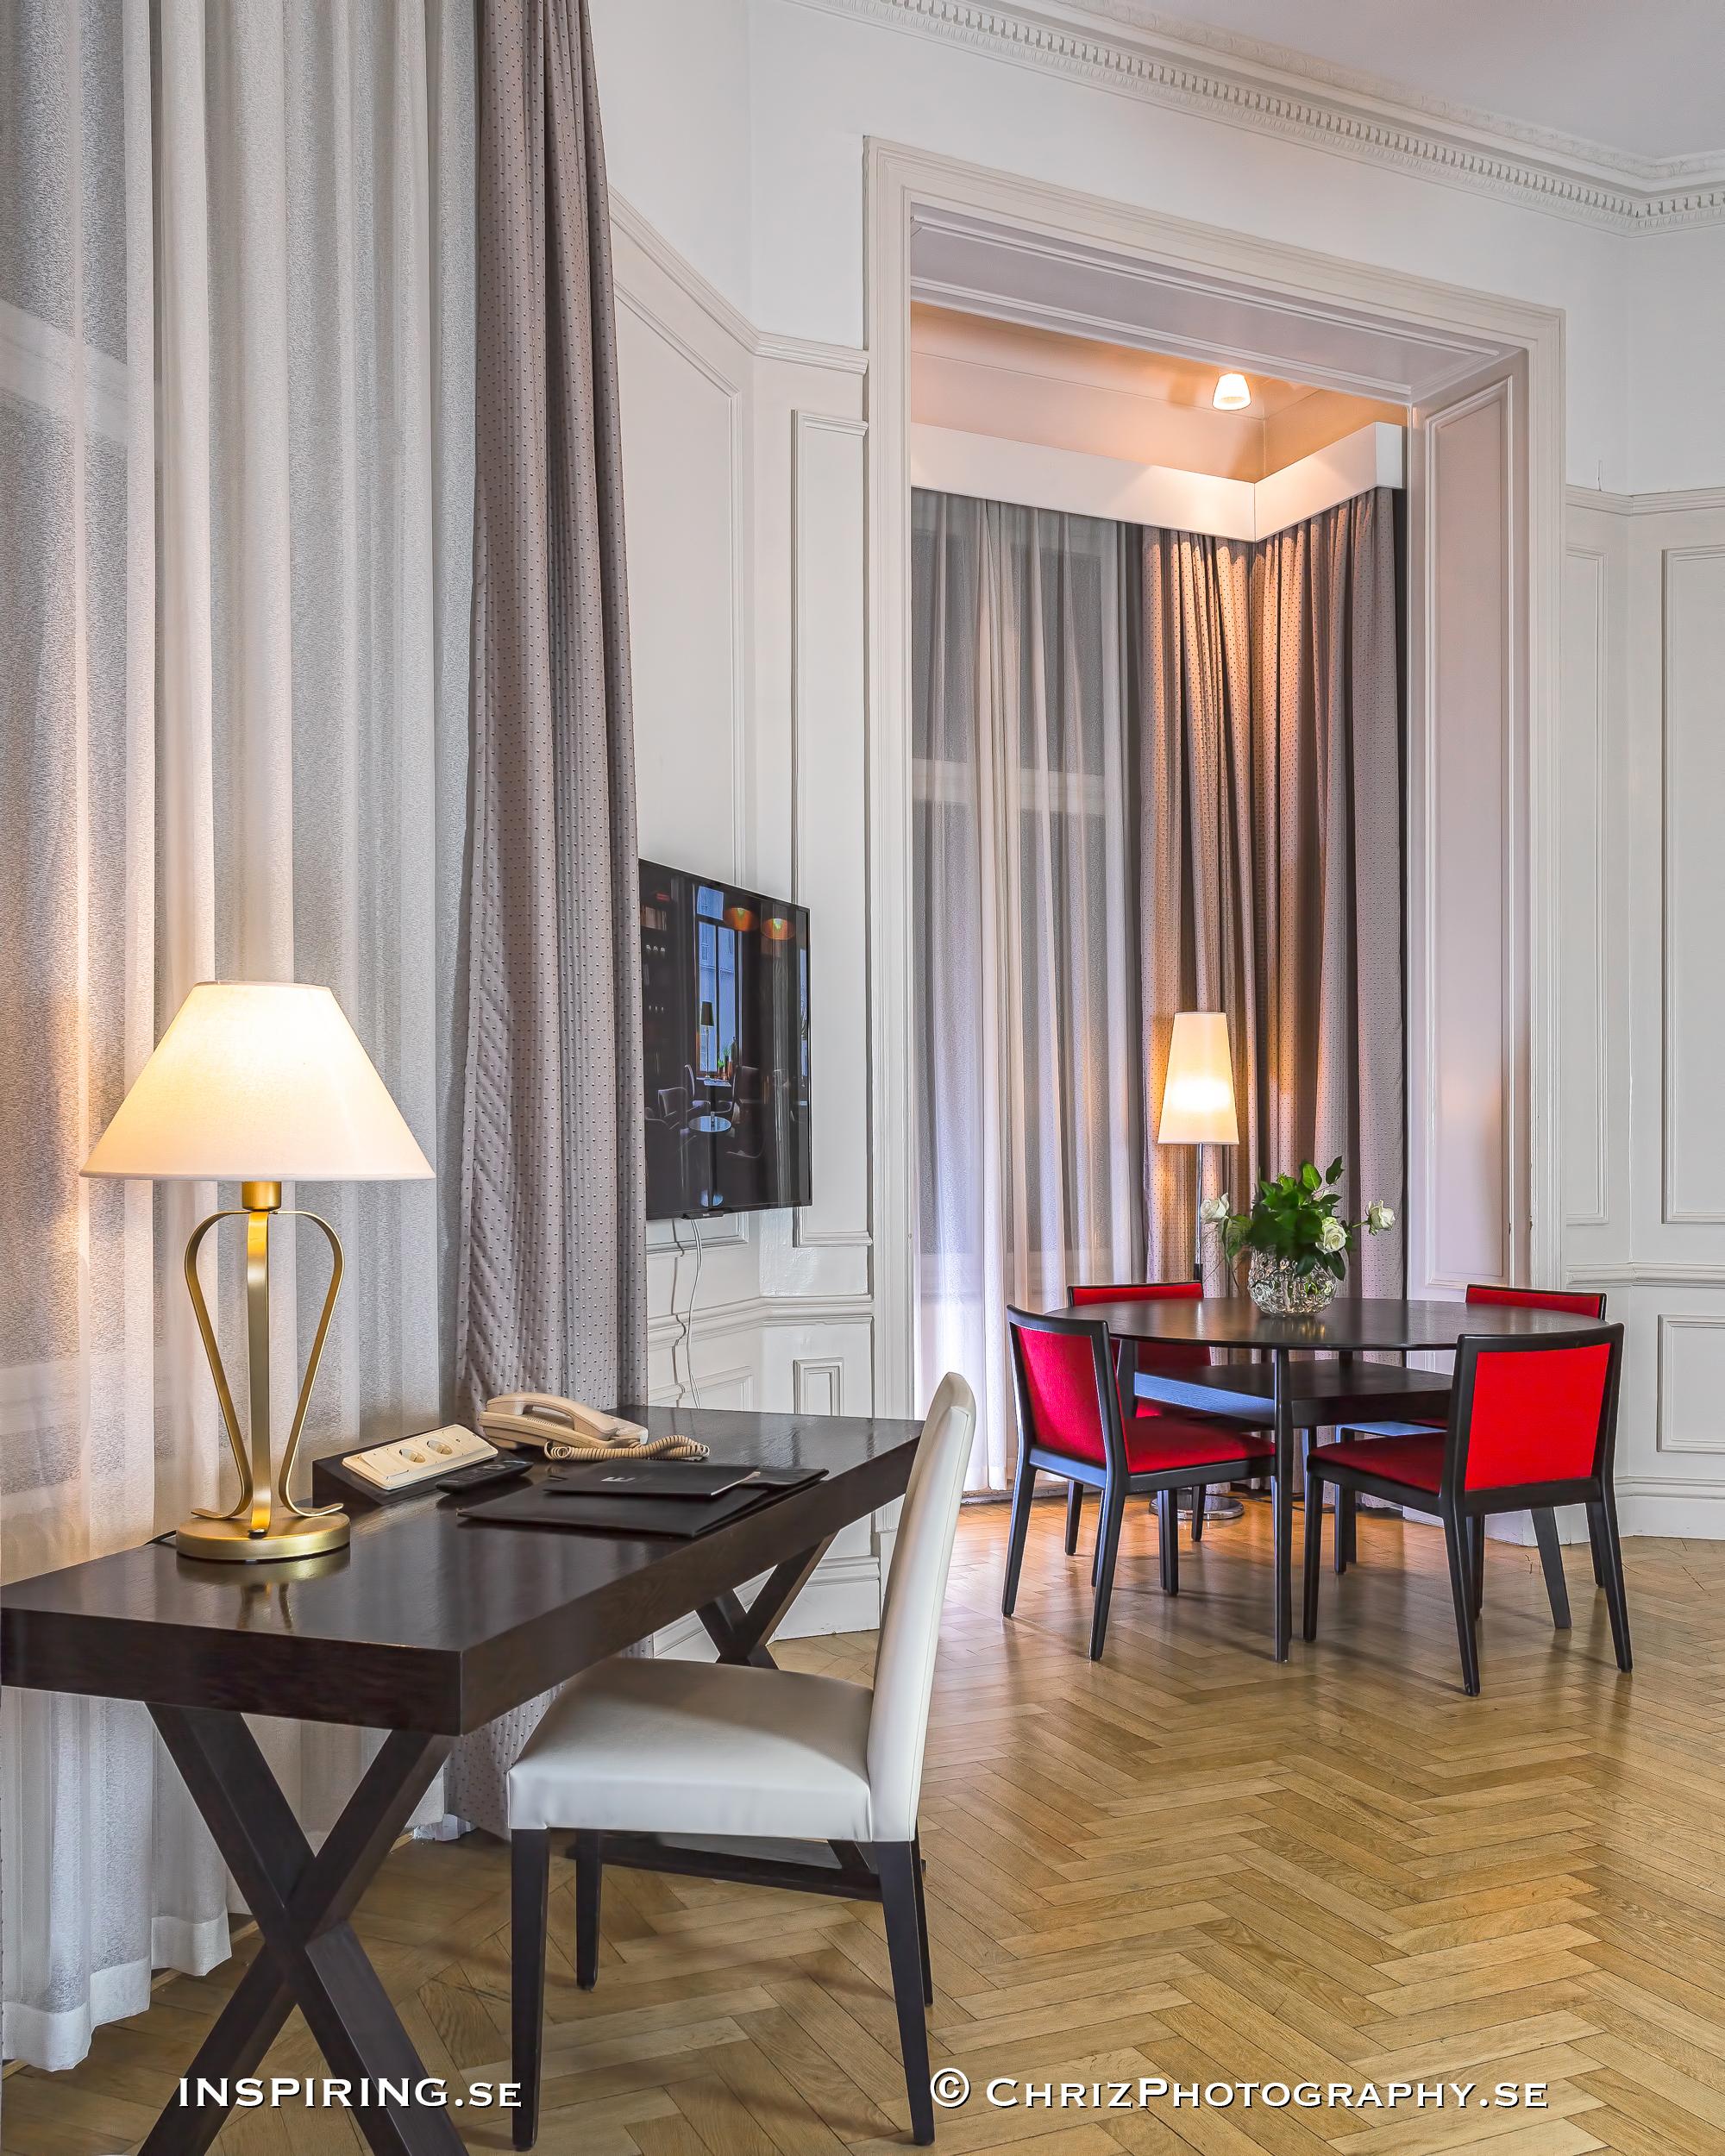 Elite_Hotel_Knaust_Inspiring.se_copyright_ChrizPhotography.se_45.jpg